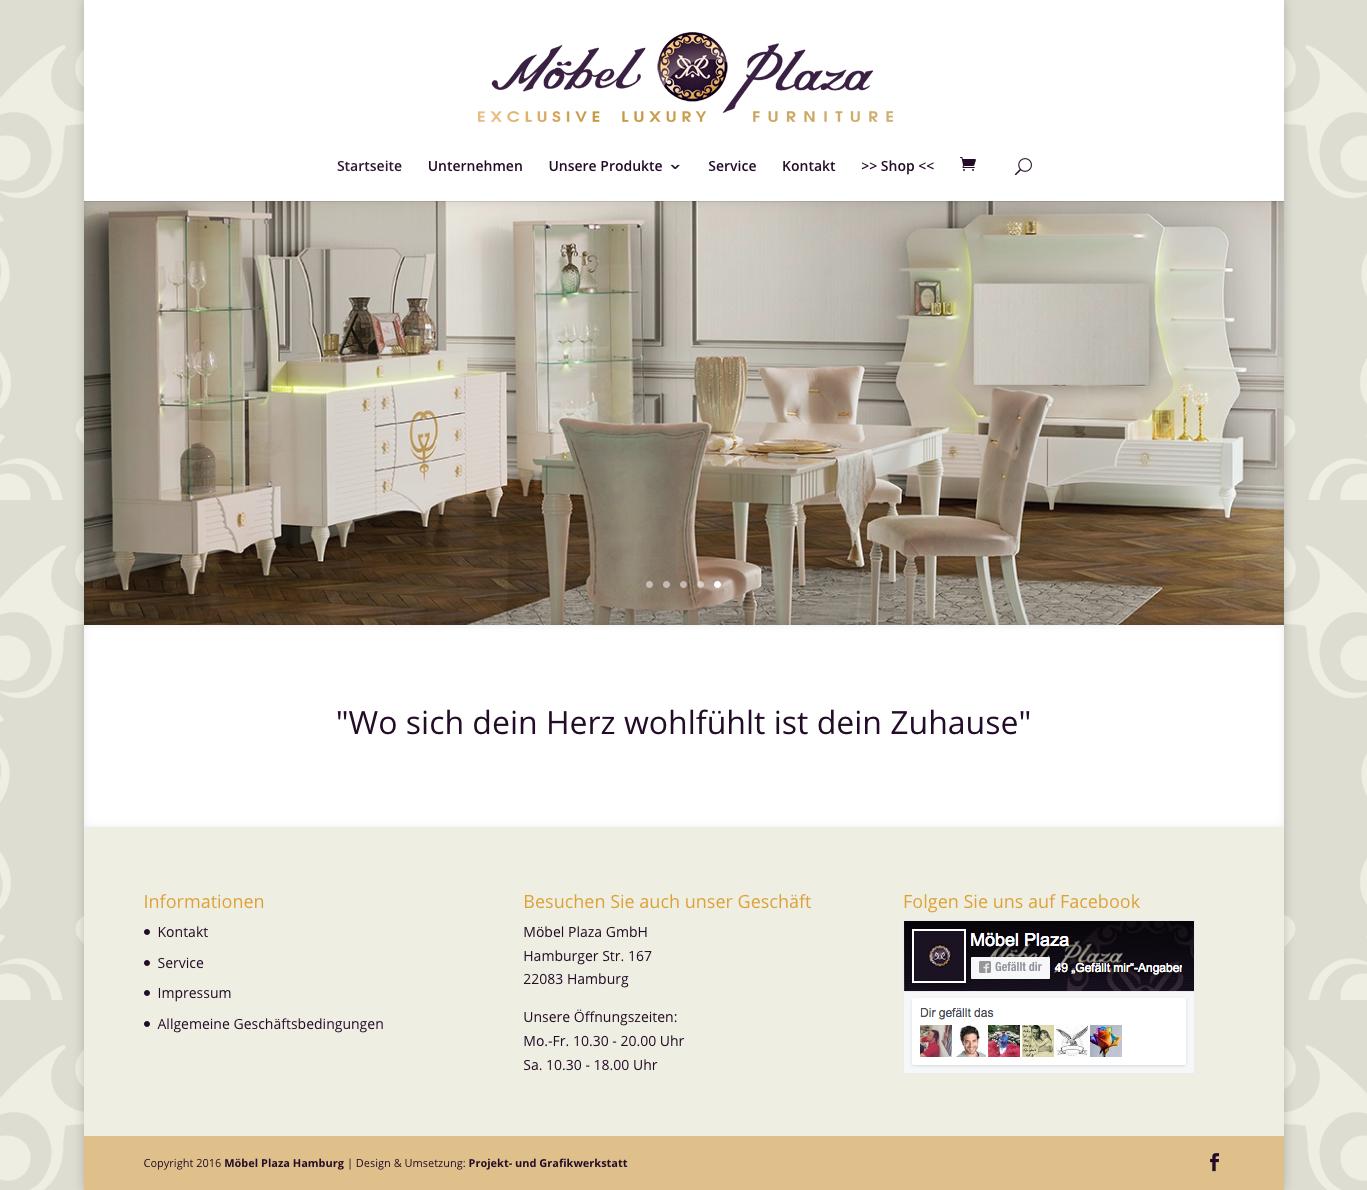 m bel plaza factory outlet projekt und grafikwerkstatt. Black Bedroom Furniture Sets. Home Design Ideas